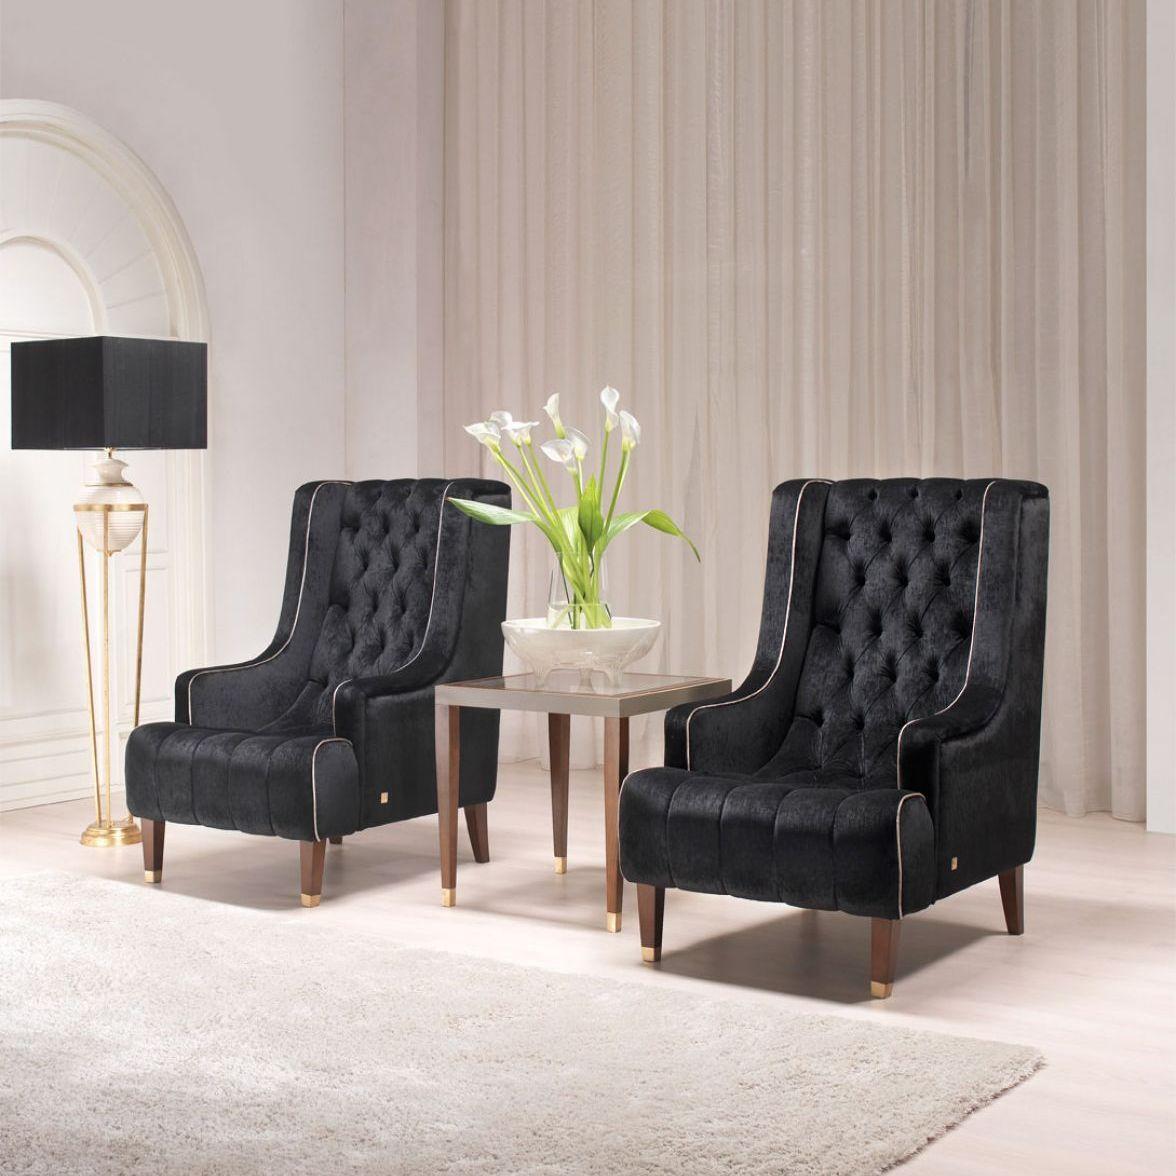 Brigitte Joan armchair фото цена